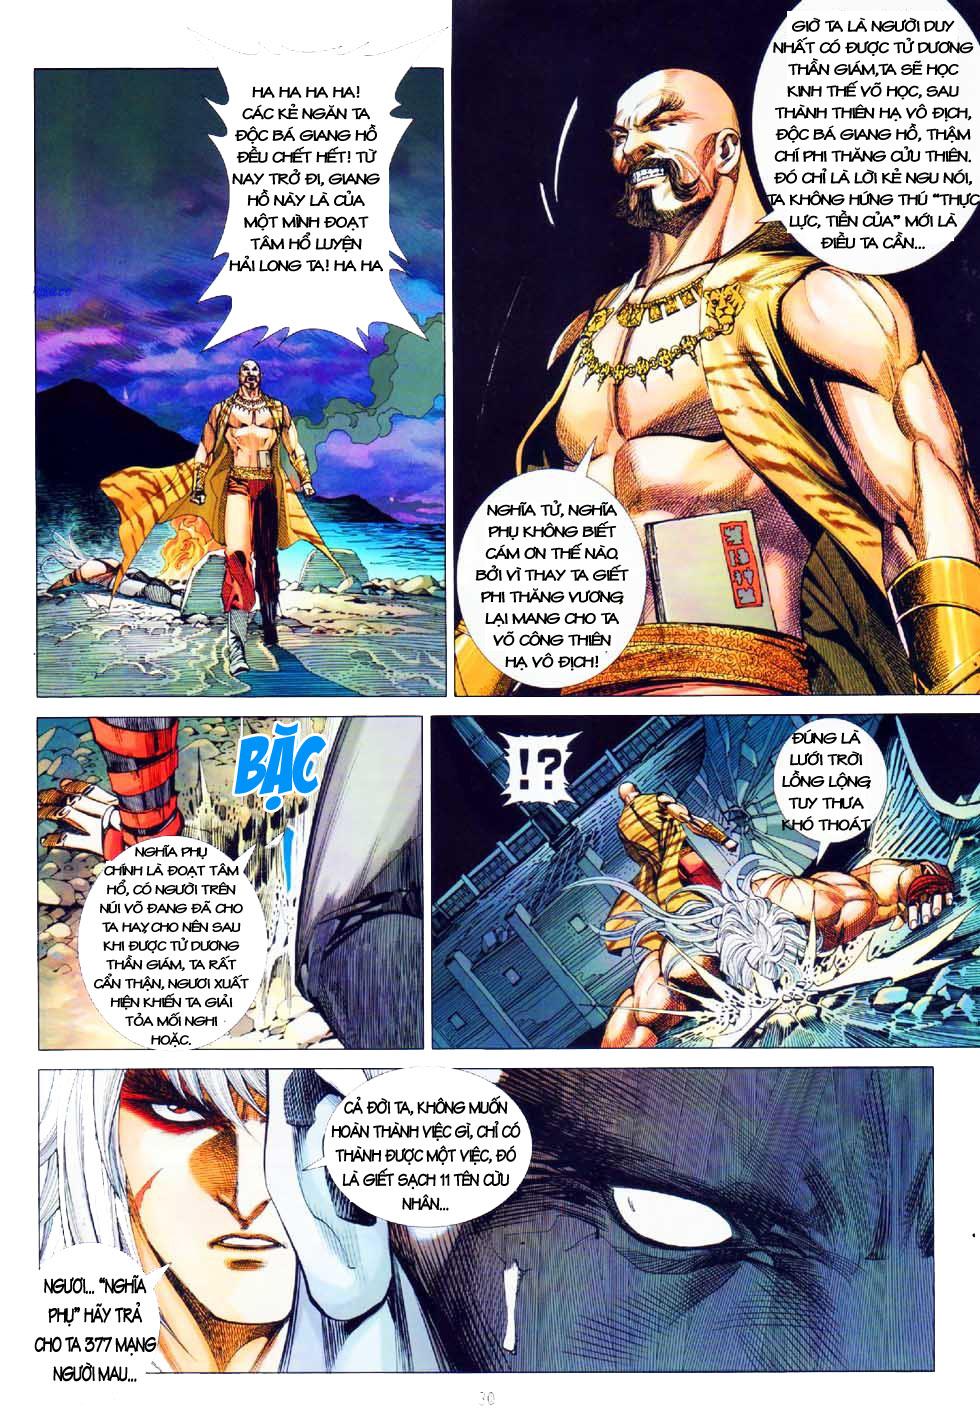 Thiên Hạ Vô Địch Kiếm Tà Thần chap 8 end trang 29